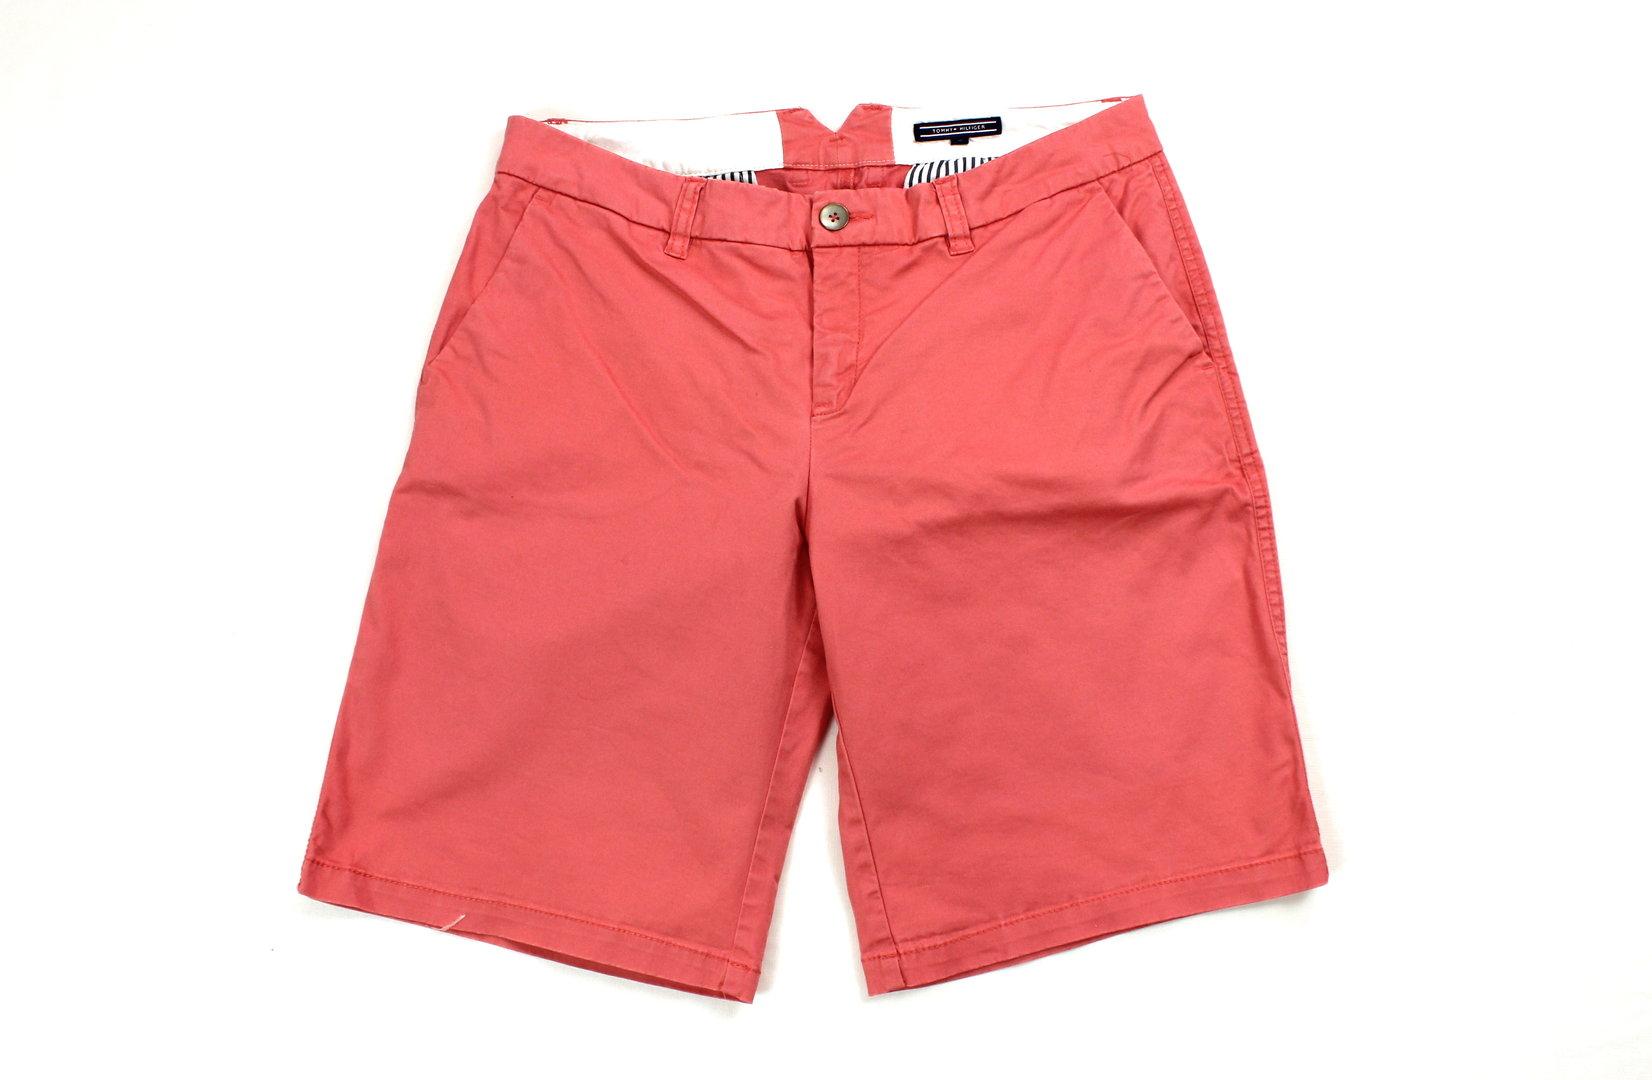 Online kaufen das Neueste Schönheit TOMMY HILFIGER Sommer Shorts kurze Hose Damen rosa 40